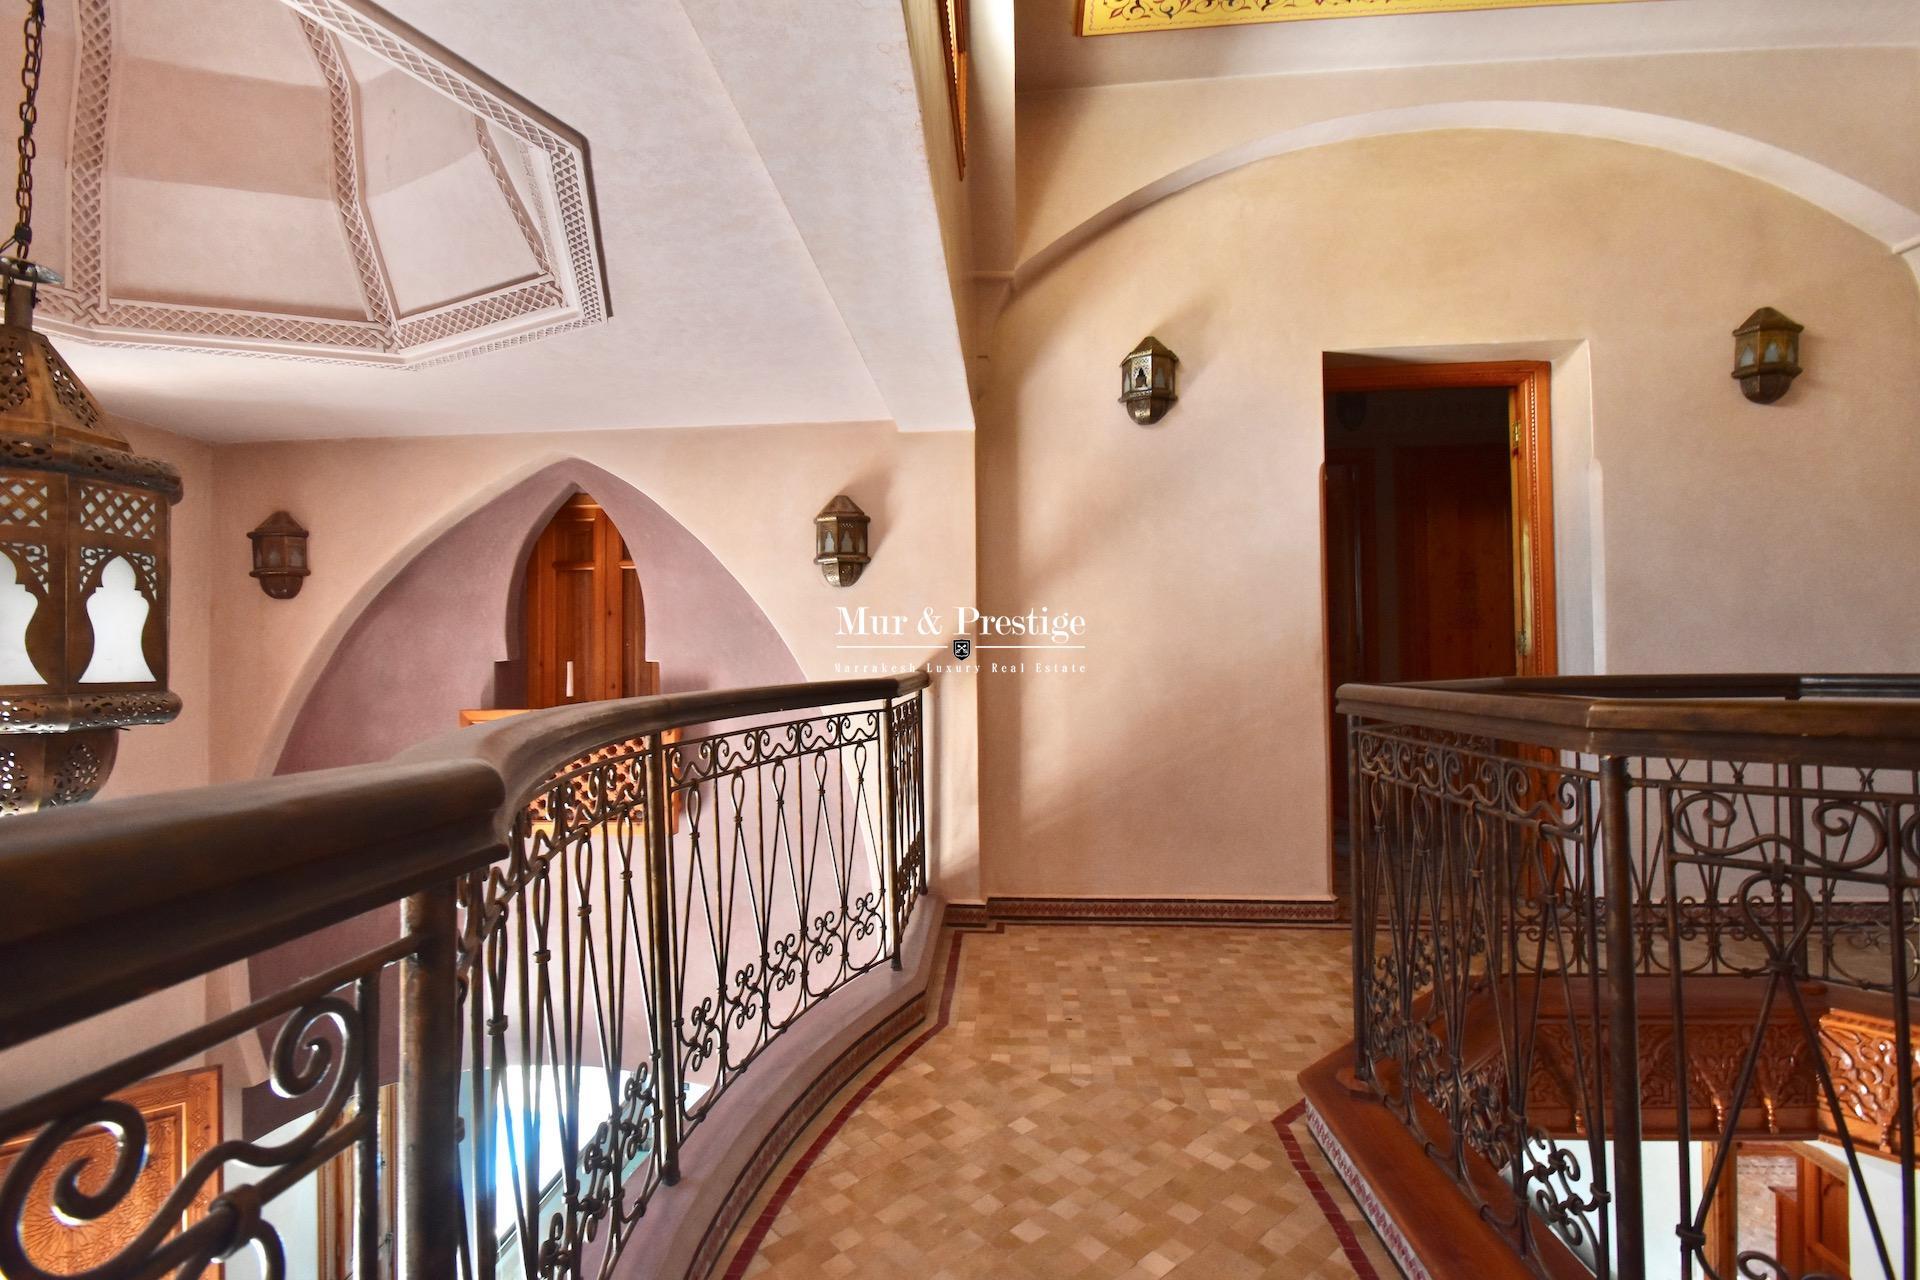 Maison à vendre au golf de Amelkis Marrakech à l 'architecture marocaine